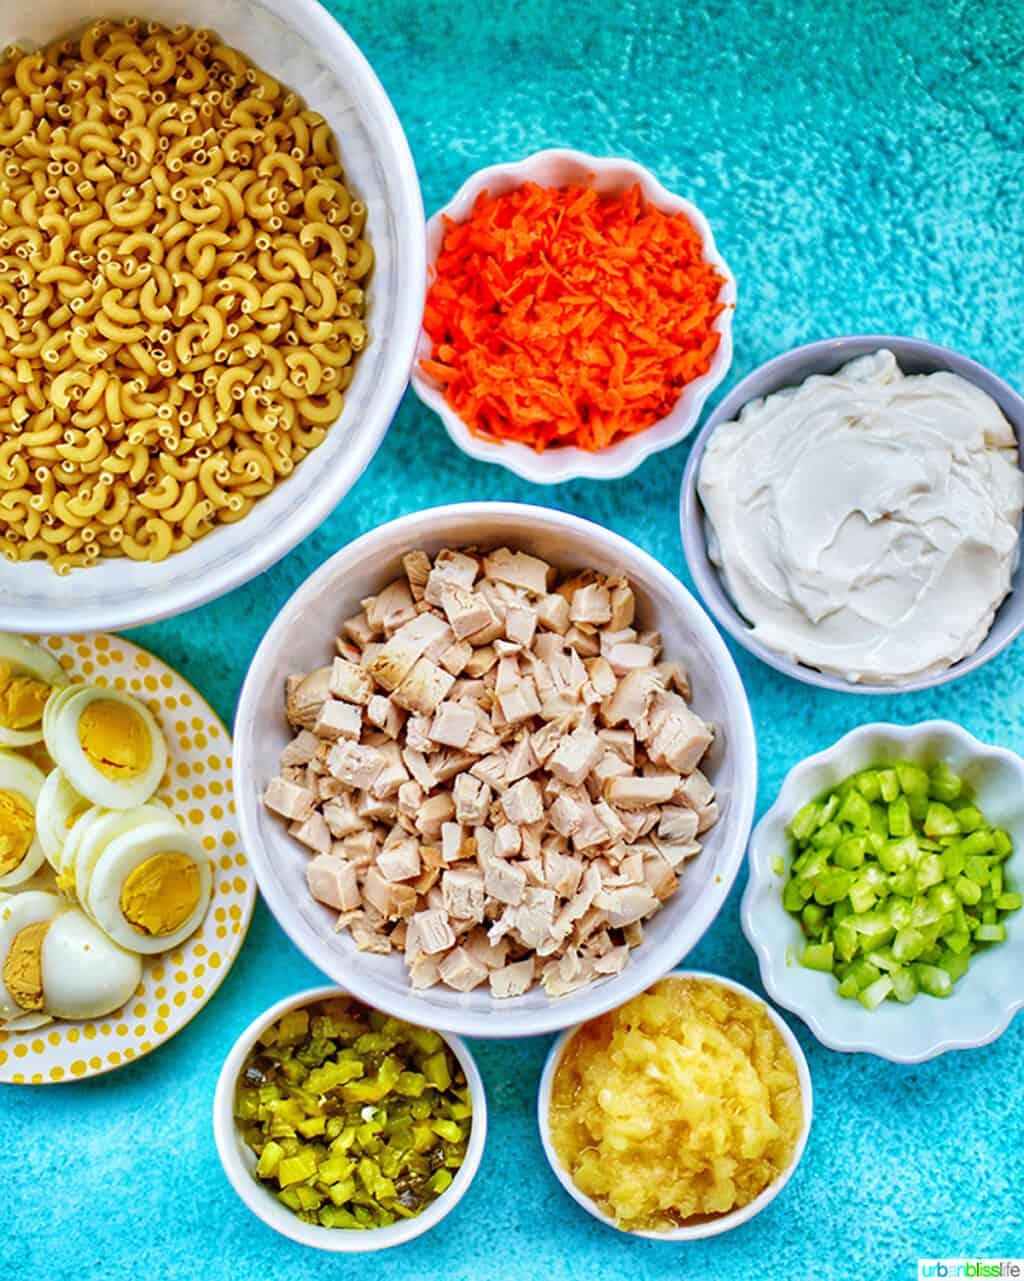 ingredients for Filipino Macaroni Salad